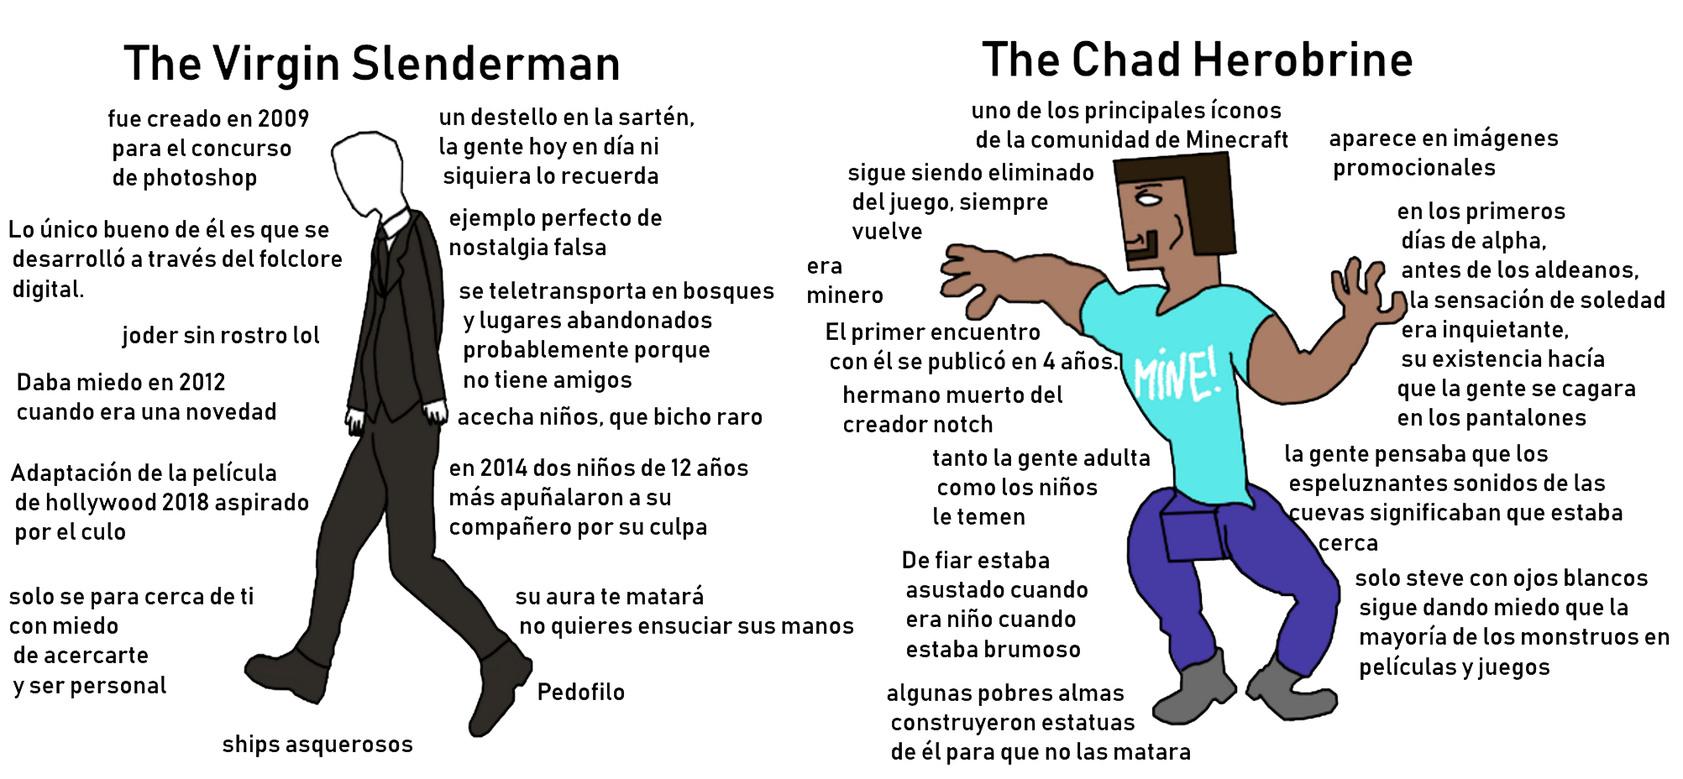 herobrine fat dancing - meme